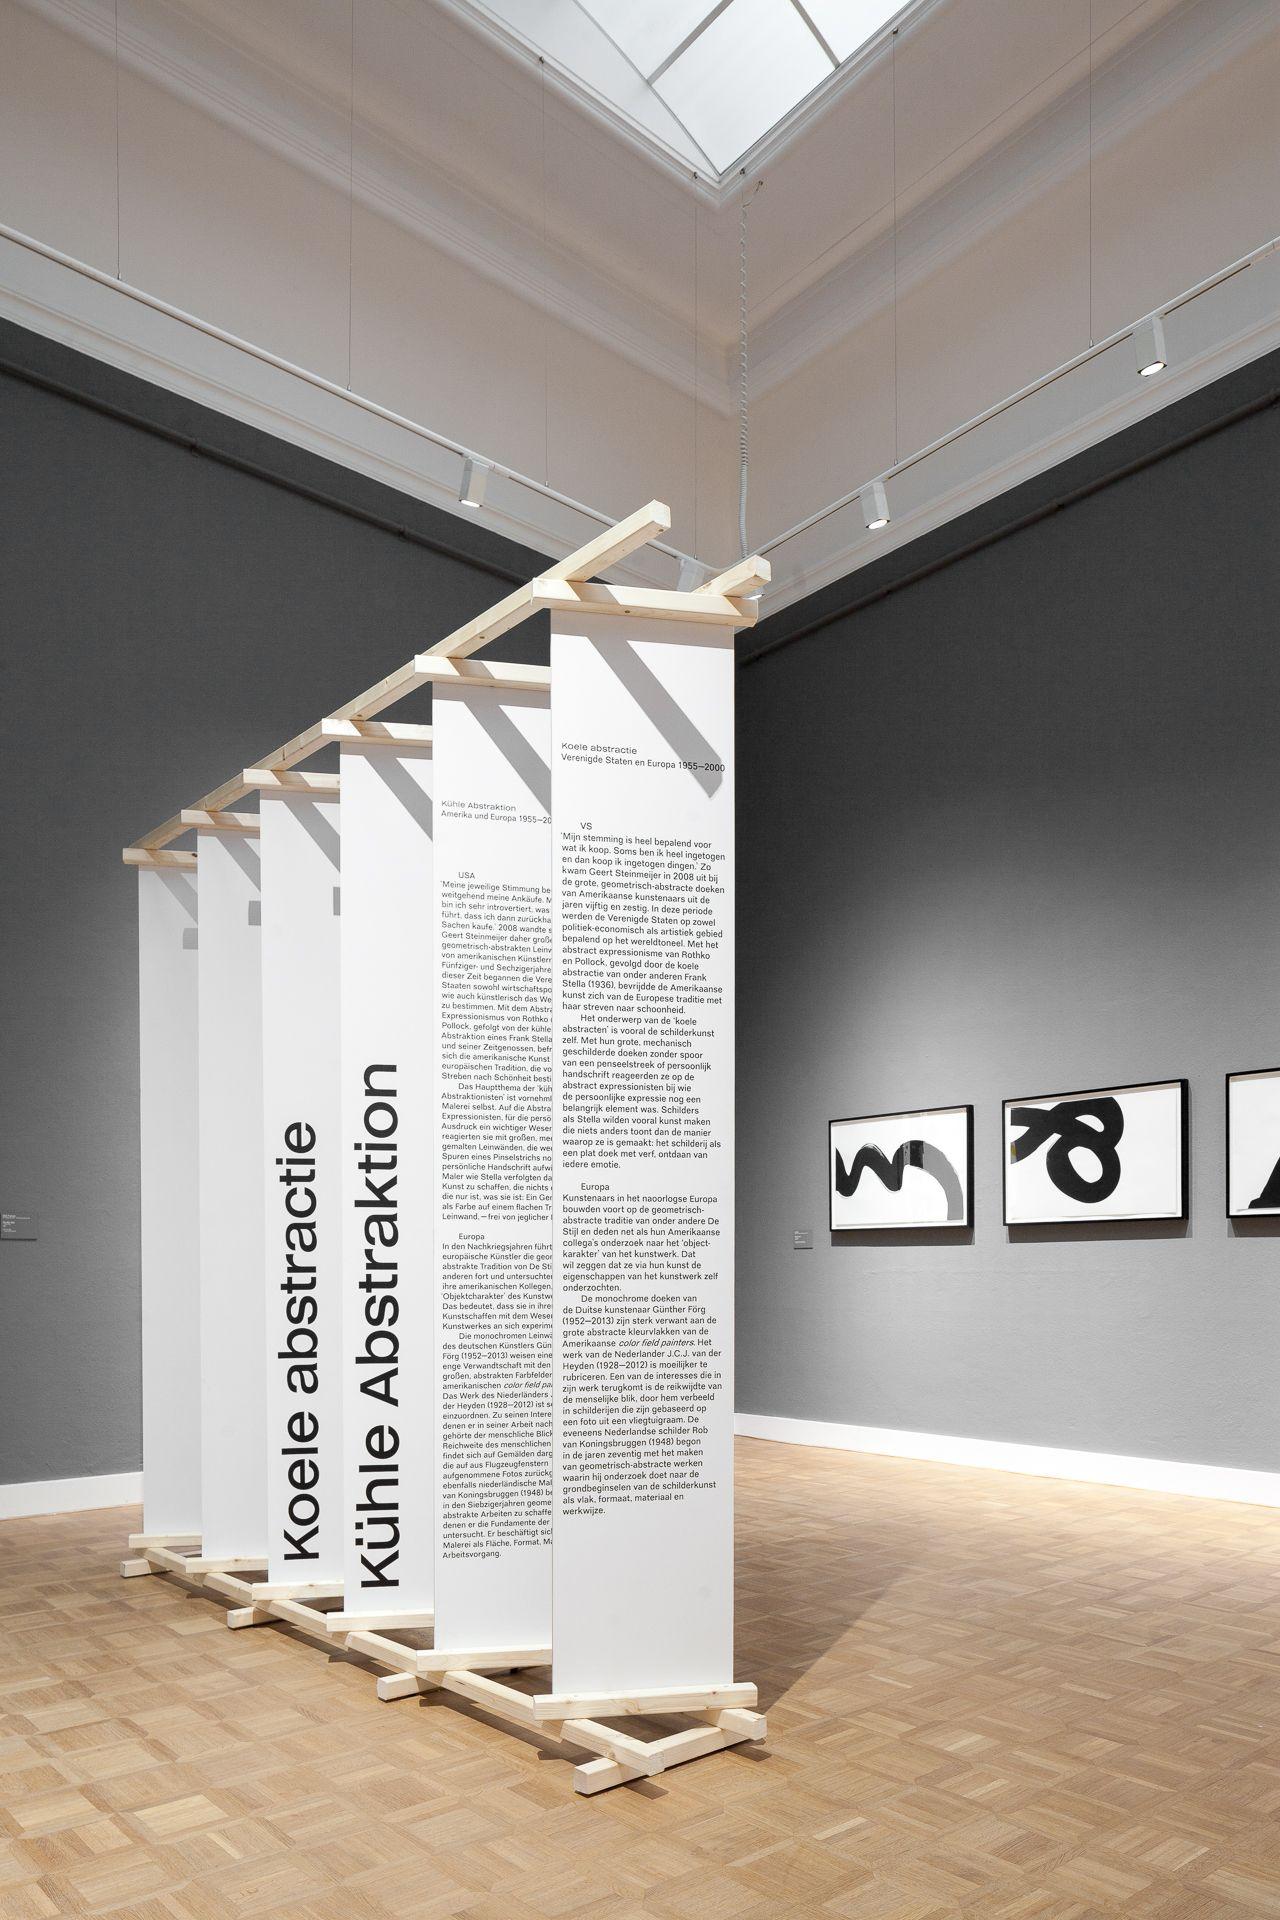 Exhibition Design De Nieuwe Smaak Rijksmuseum